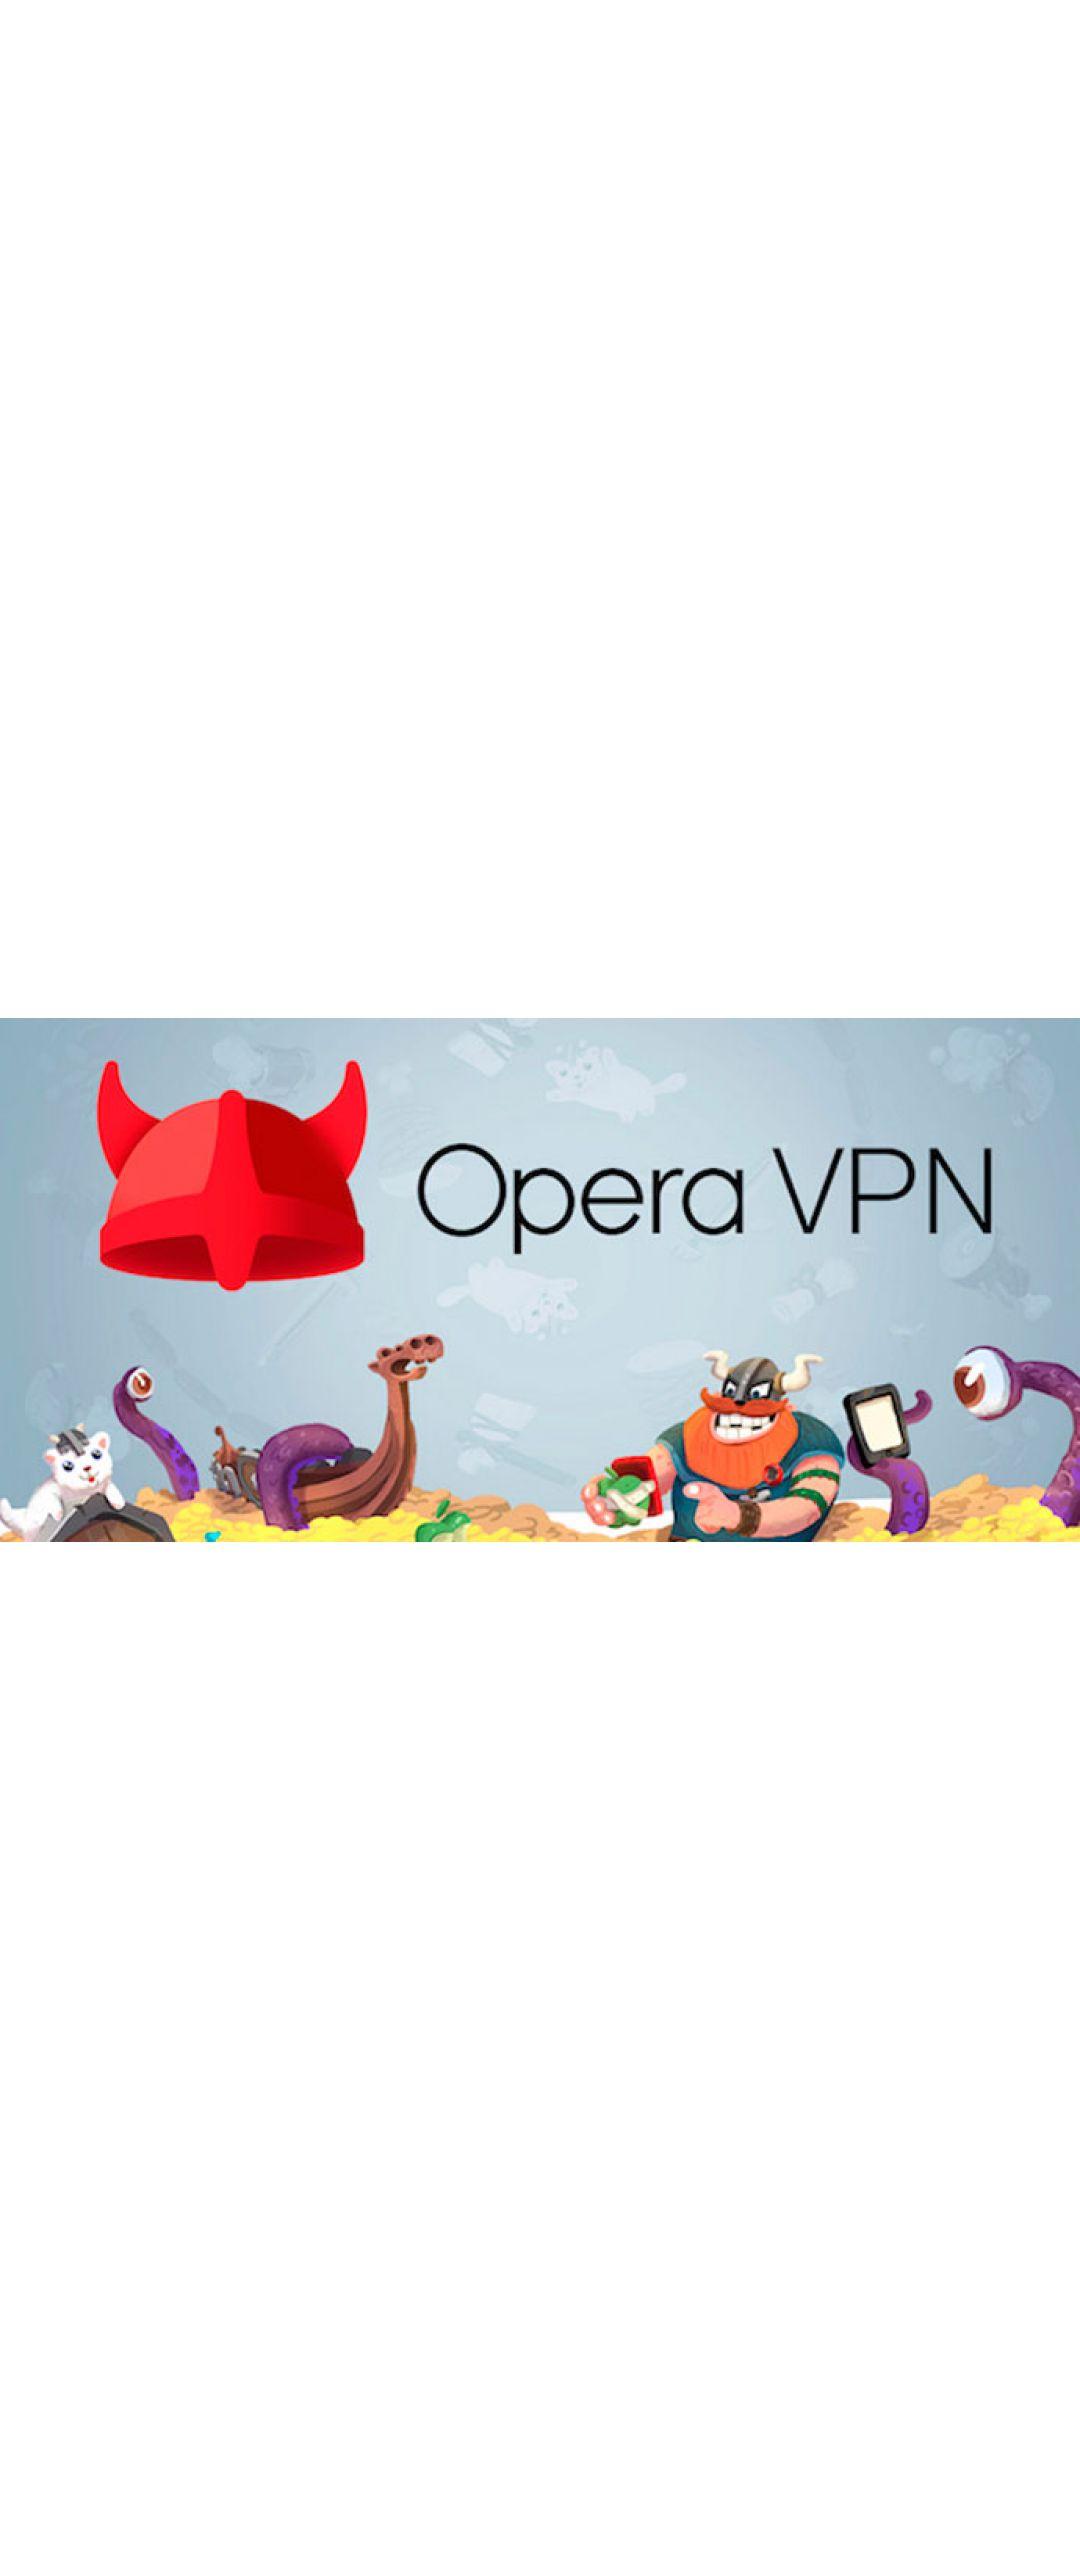 Opera VPN ya disponible para Android